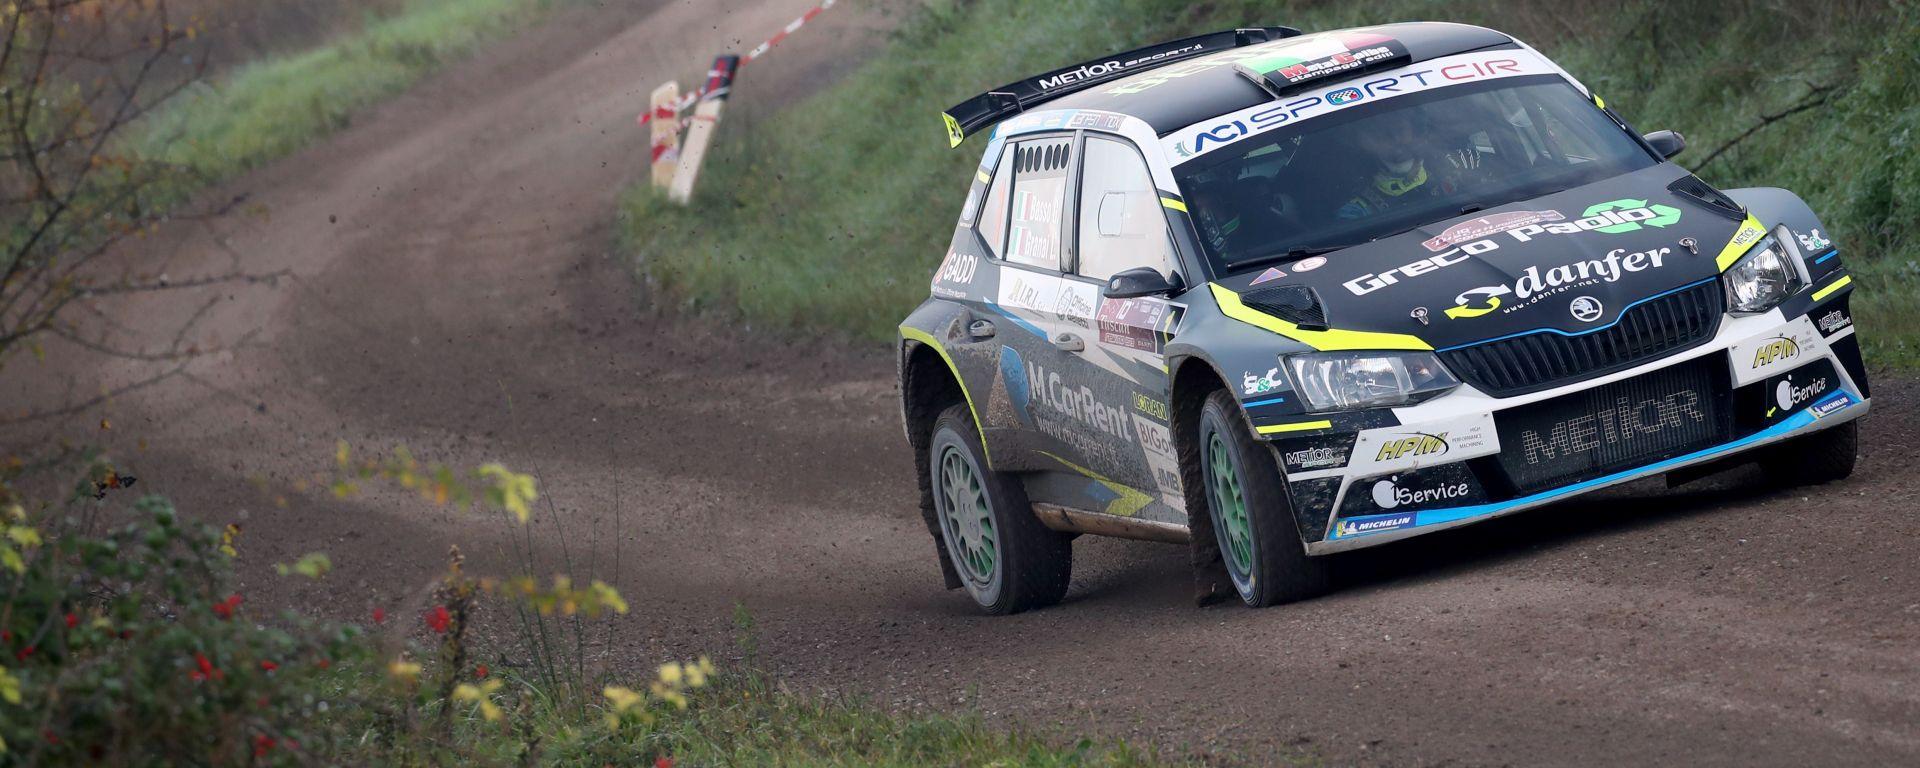 Giandomenico Basso (Skoda Fabia R5) è campione italiano rally dopo il Rally Tuscan Rewind 2019